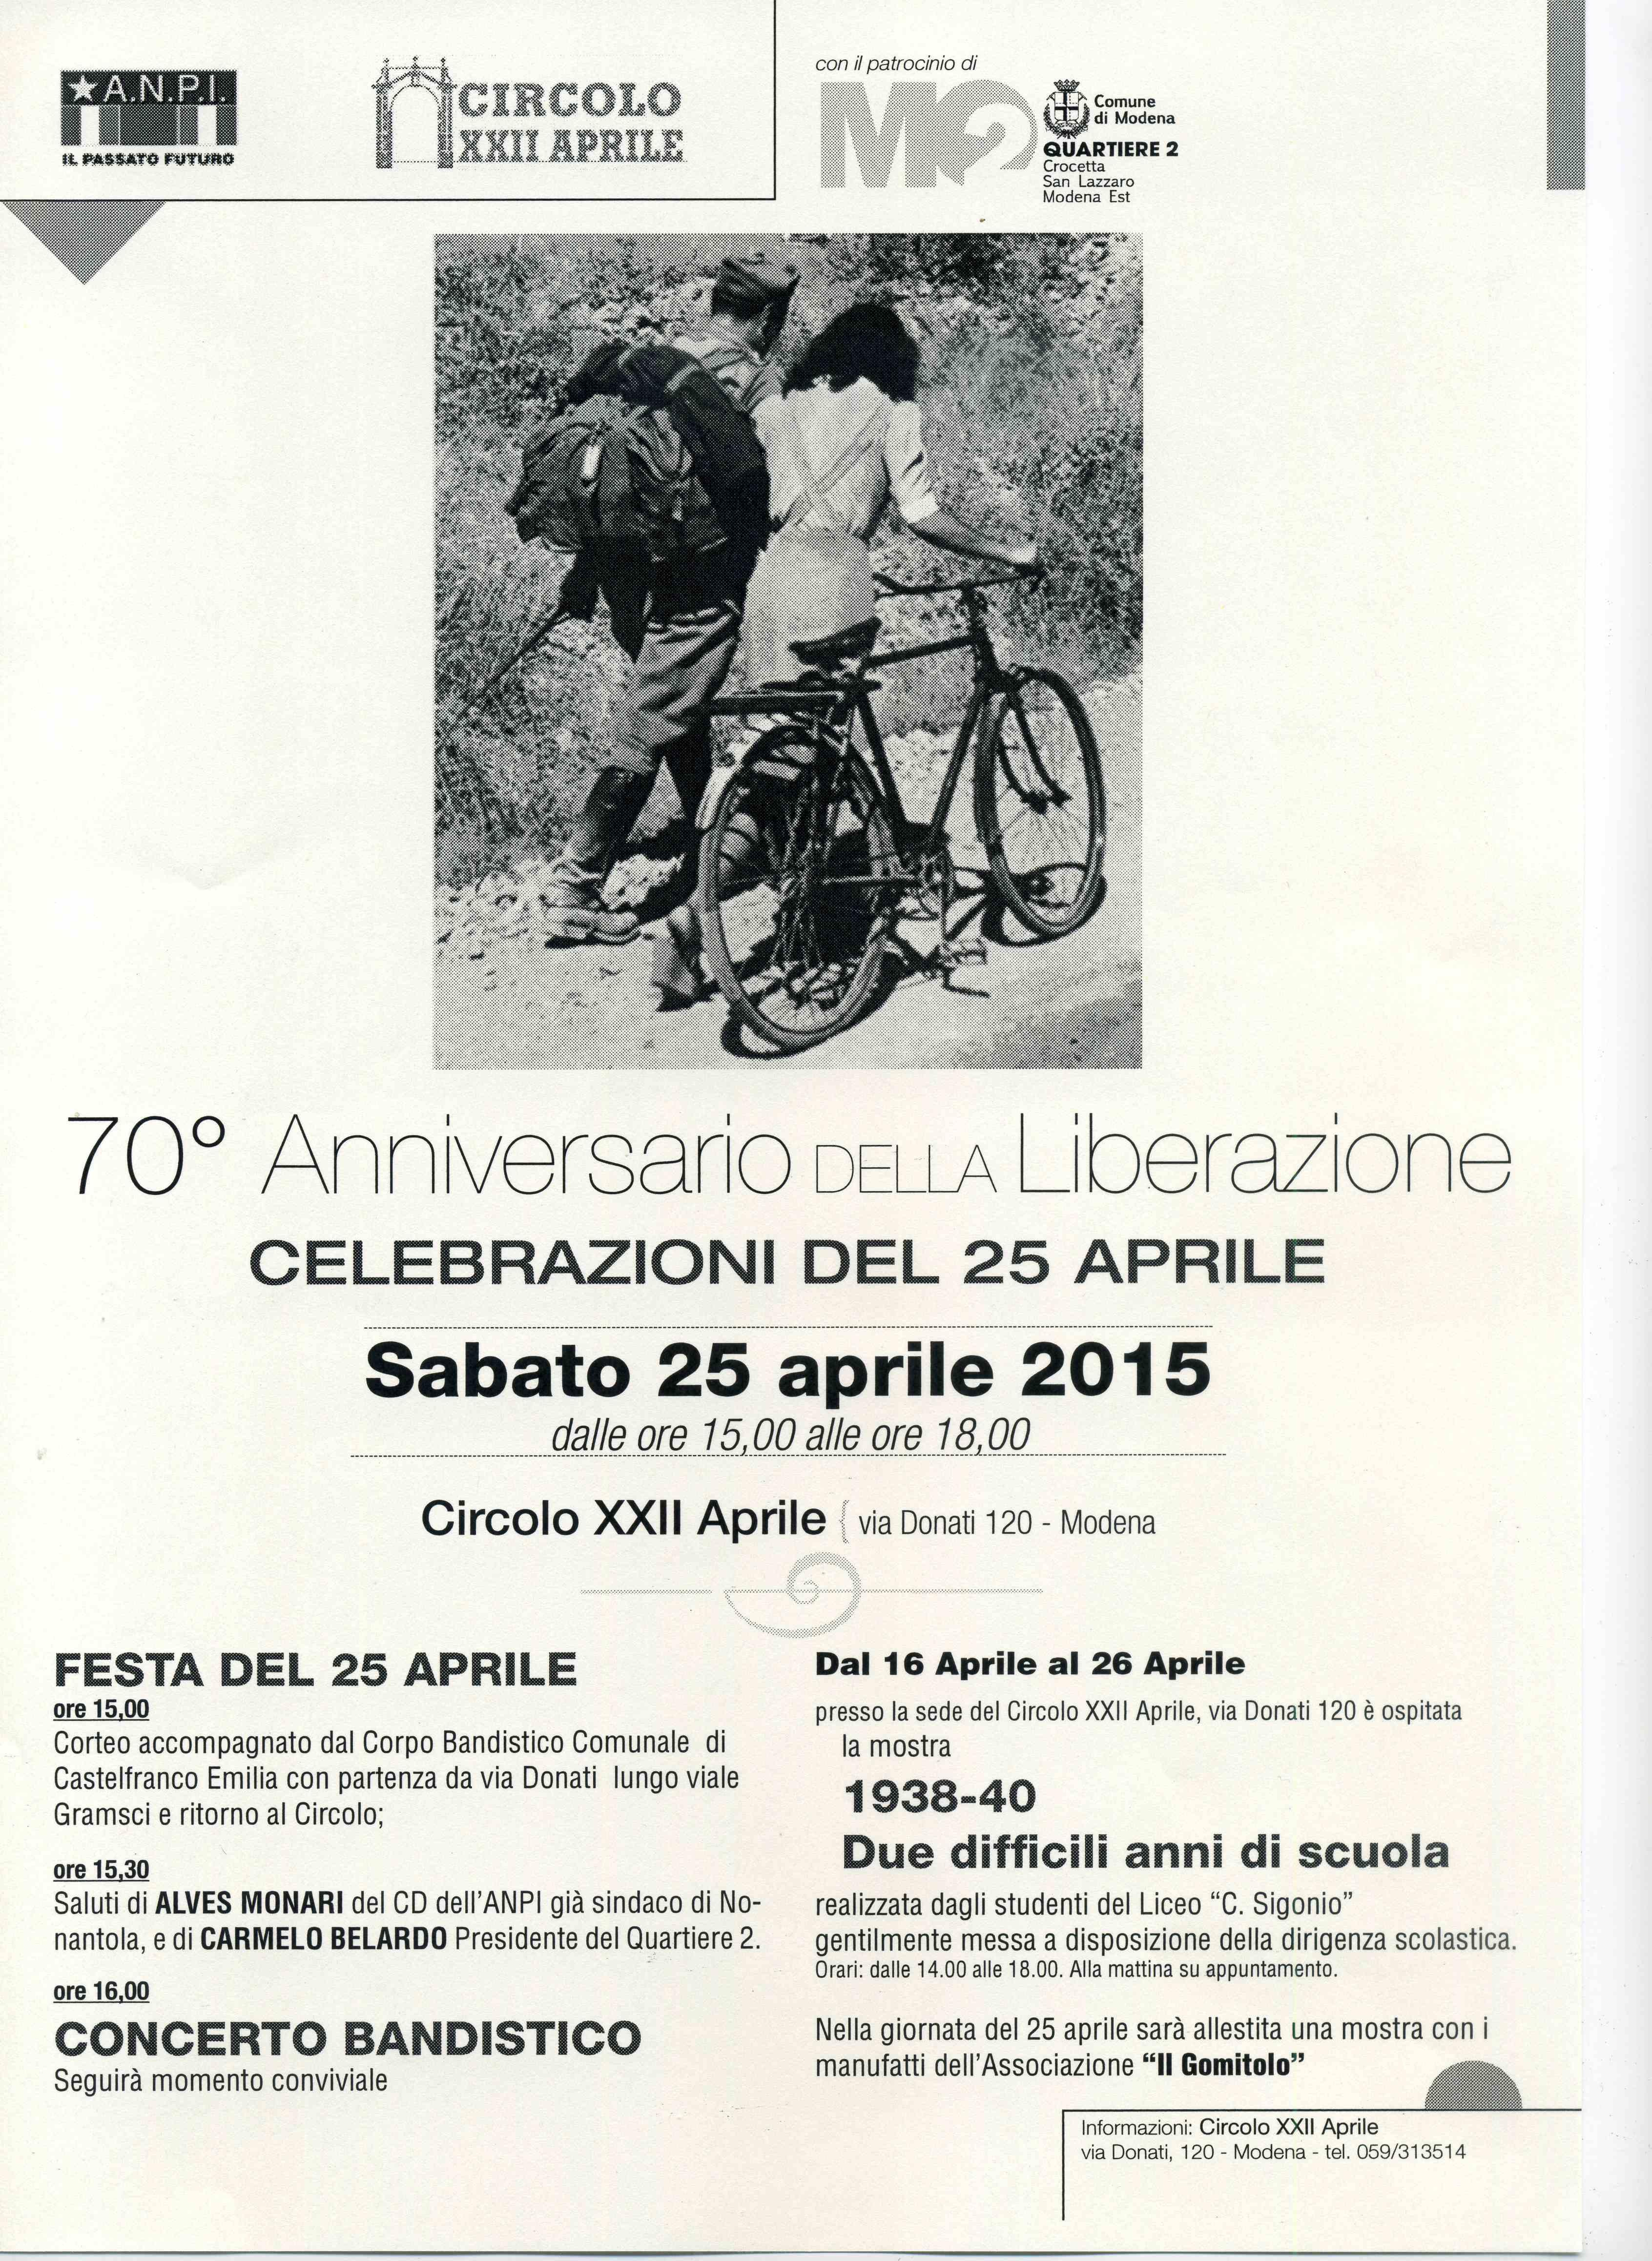 Programma celebrazioni del 25 aprile